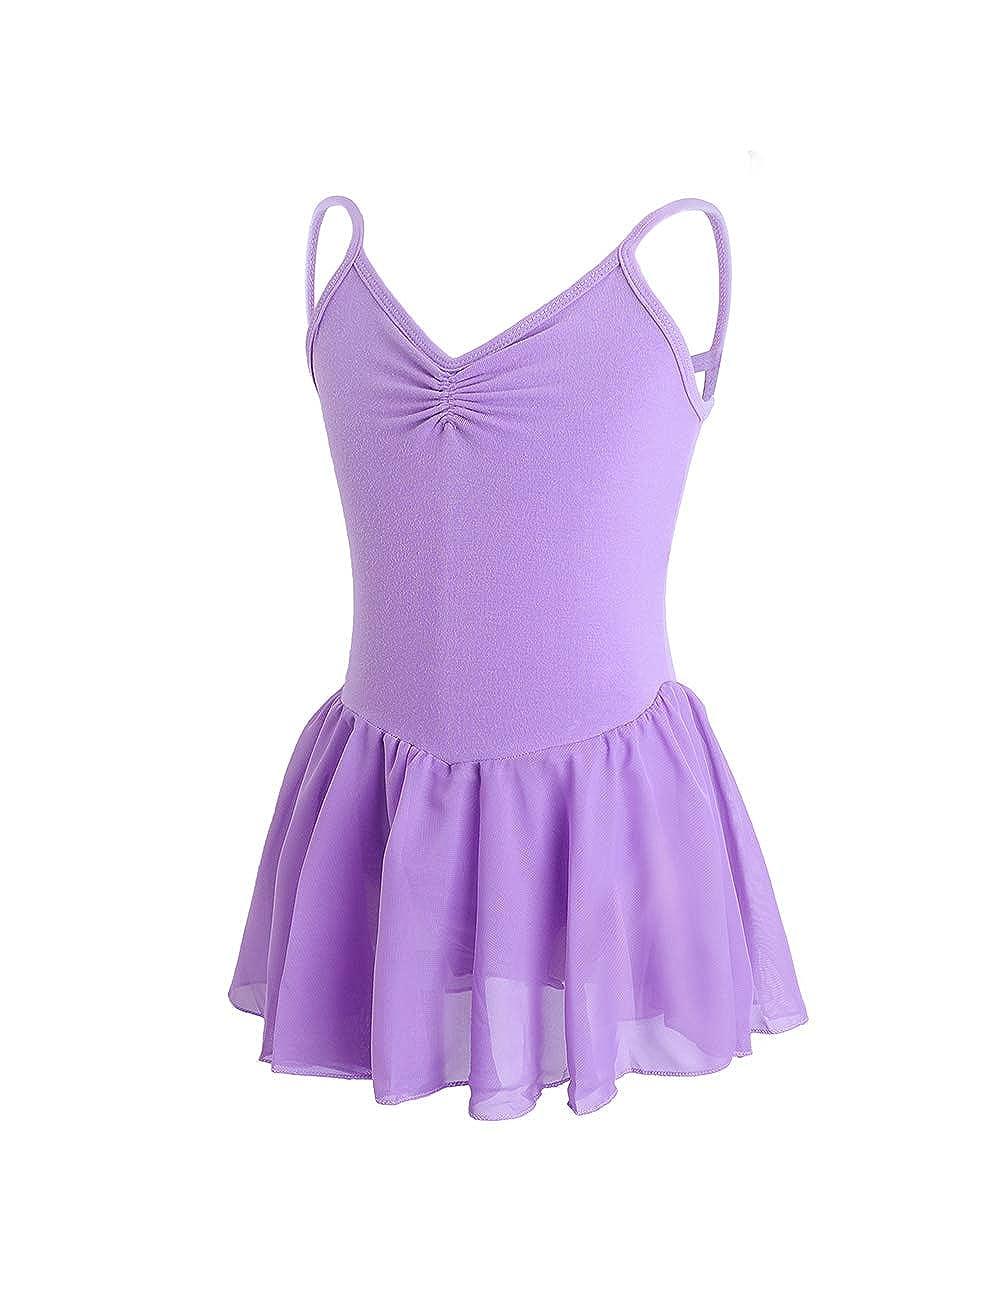 Skirted Leotards Girls Short Sleeve Leotard Dress for Ballet,Dance 2-14T